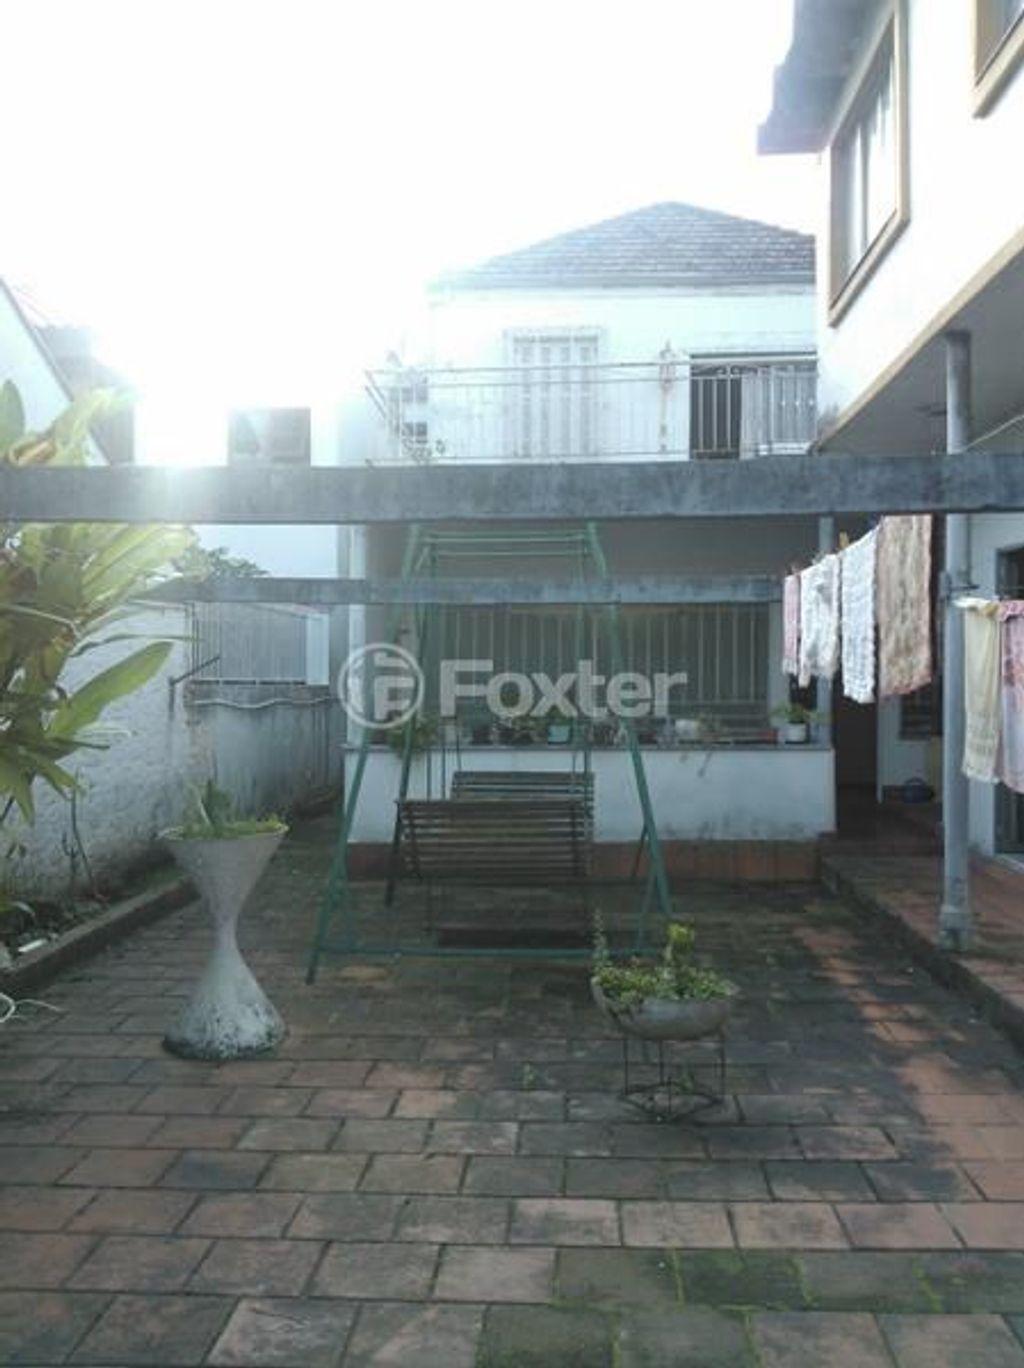 Foxter Imobiliária - Casa 4 Dorm, Santana (137787) - Foto 10